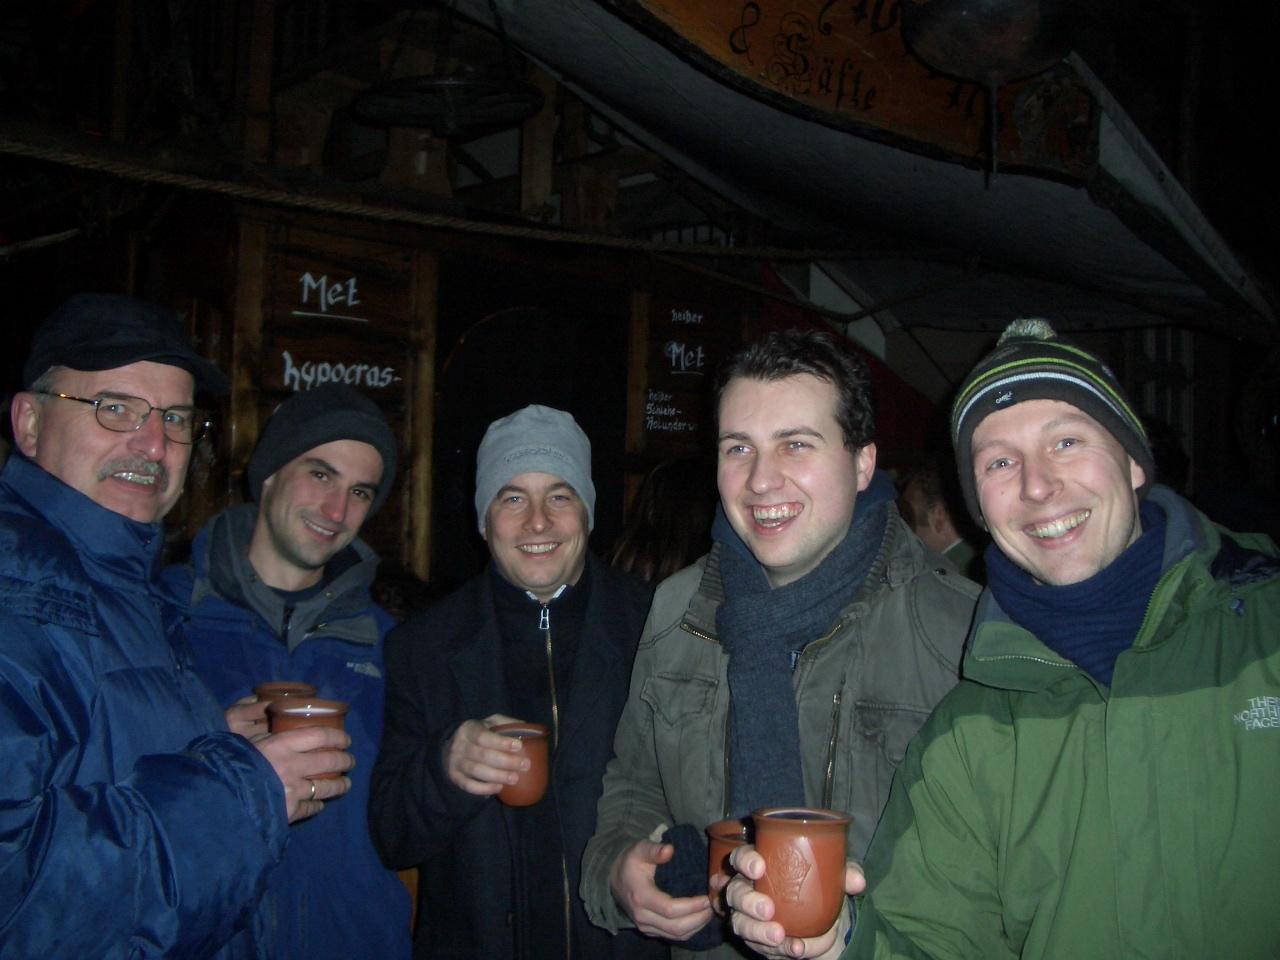 Vorrundenabschluss auf dem Esslinger Weihnachtsmarkt